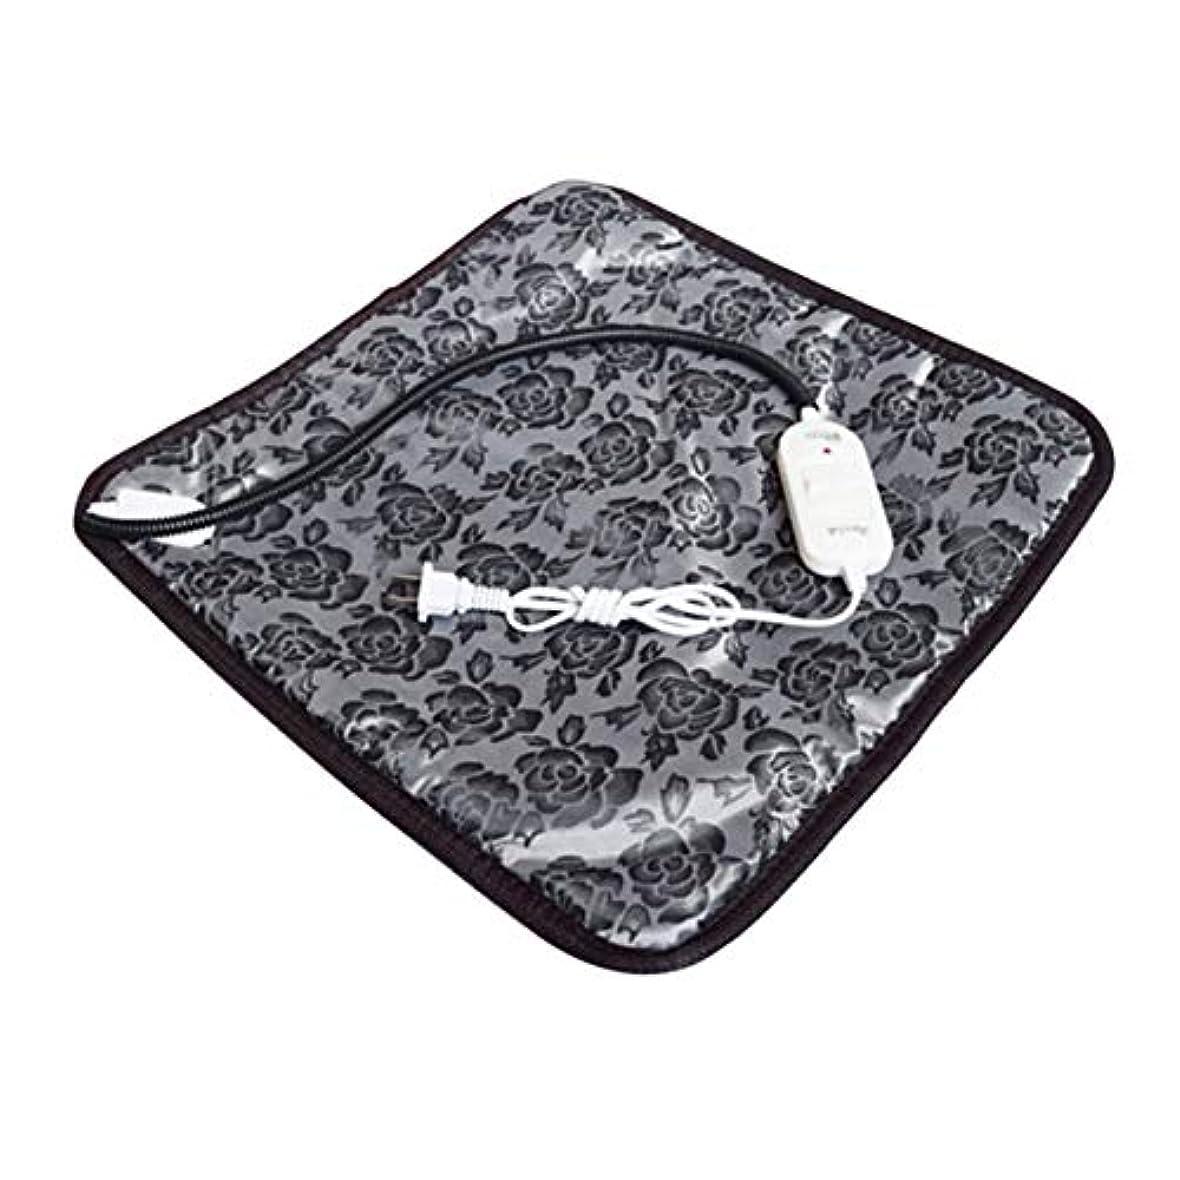 事実上セラフ援助Saikogoods 快適な防水オックスフォード布ペット電気パッドは冬は暖かい温水暖房マット犬猫バニーベッドをキープブランケット 黒